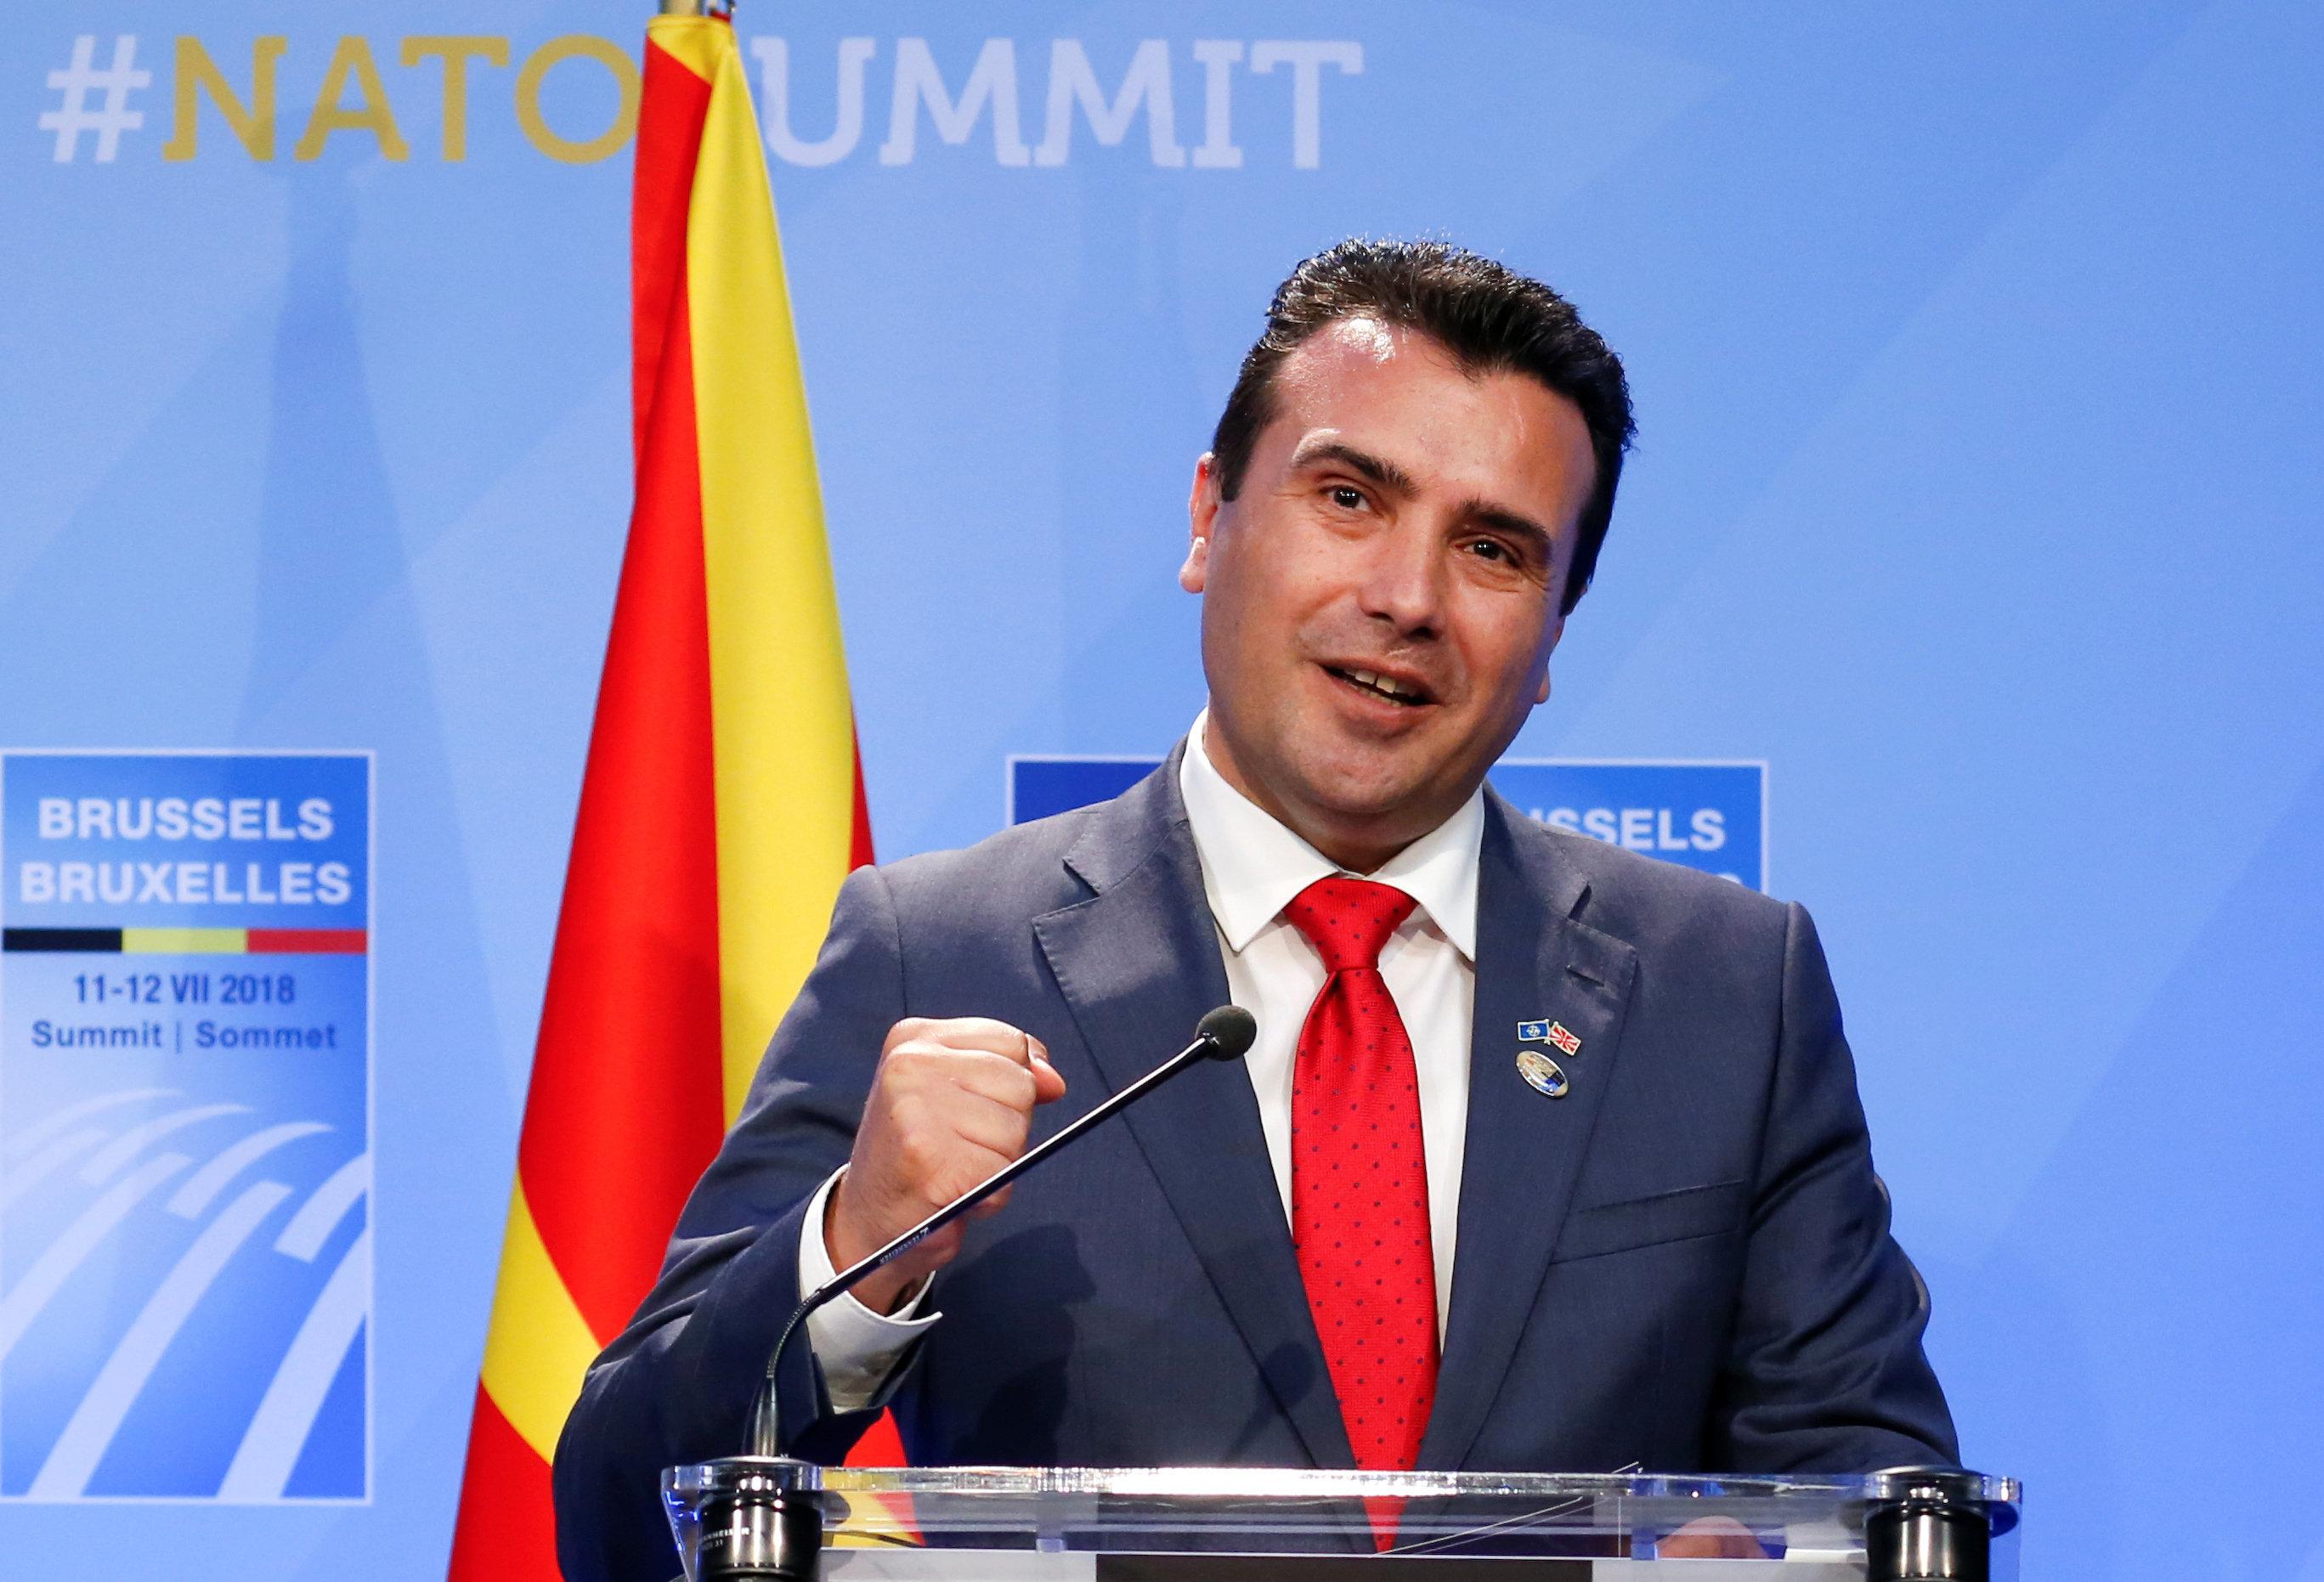 Κάλεσμα Ζάεφ στους Έλληνες να αξιοποιήσουν τη συμφωνία των